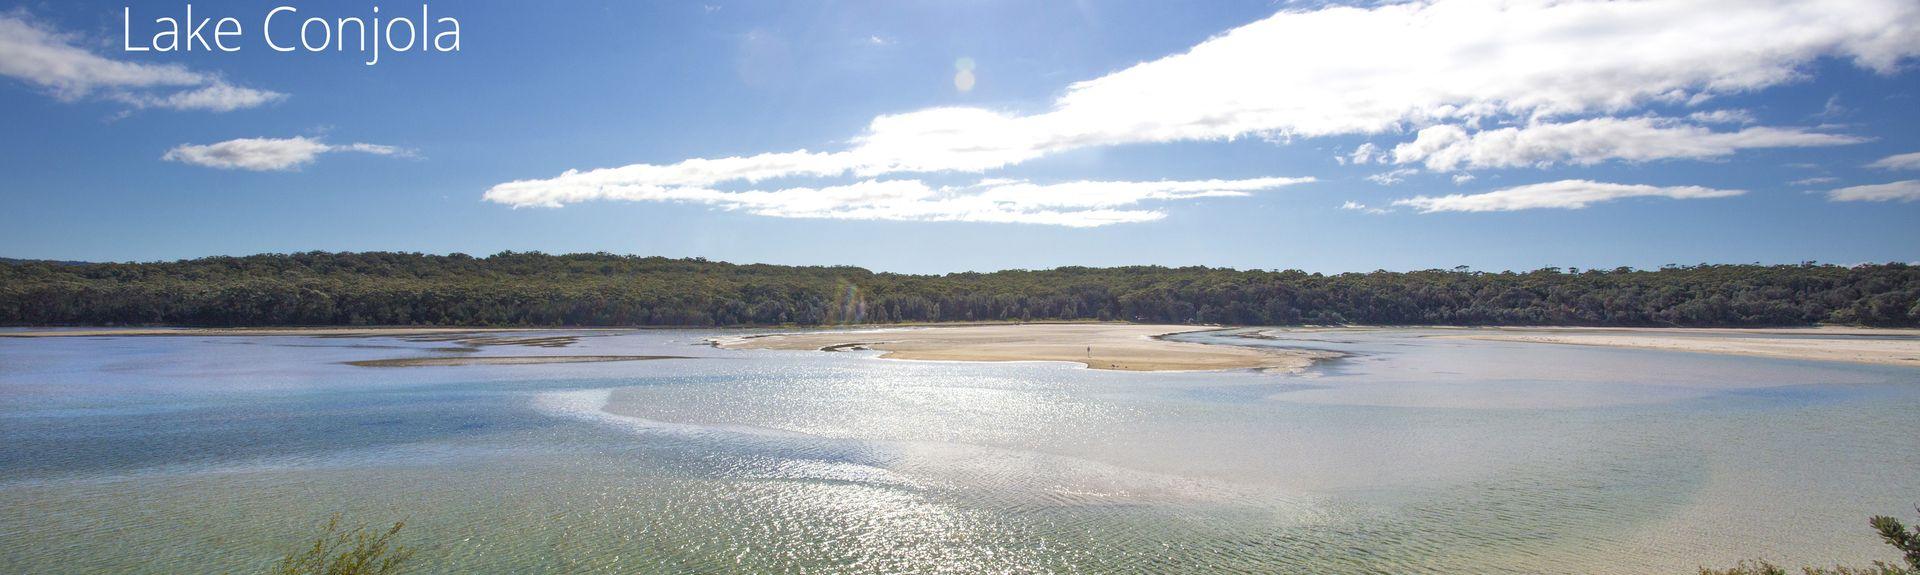 Kings Point NSW, Australia